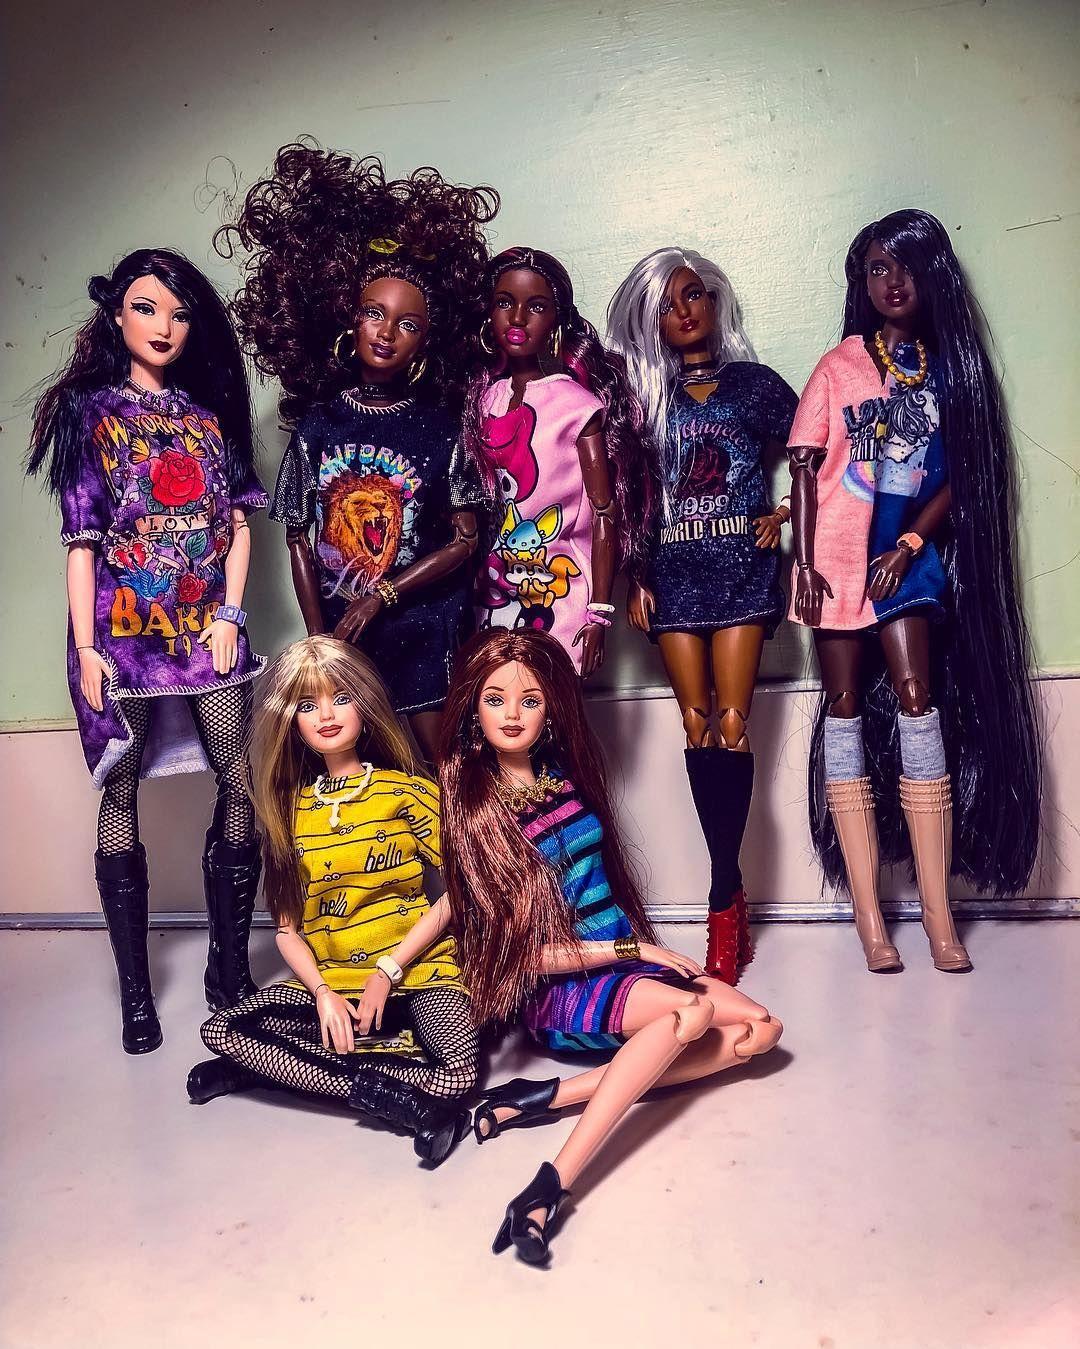 Пин от пользователя Olga Vasilevskay на доске Barbie ...